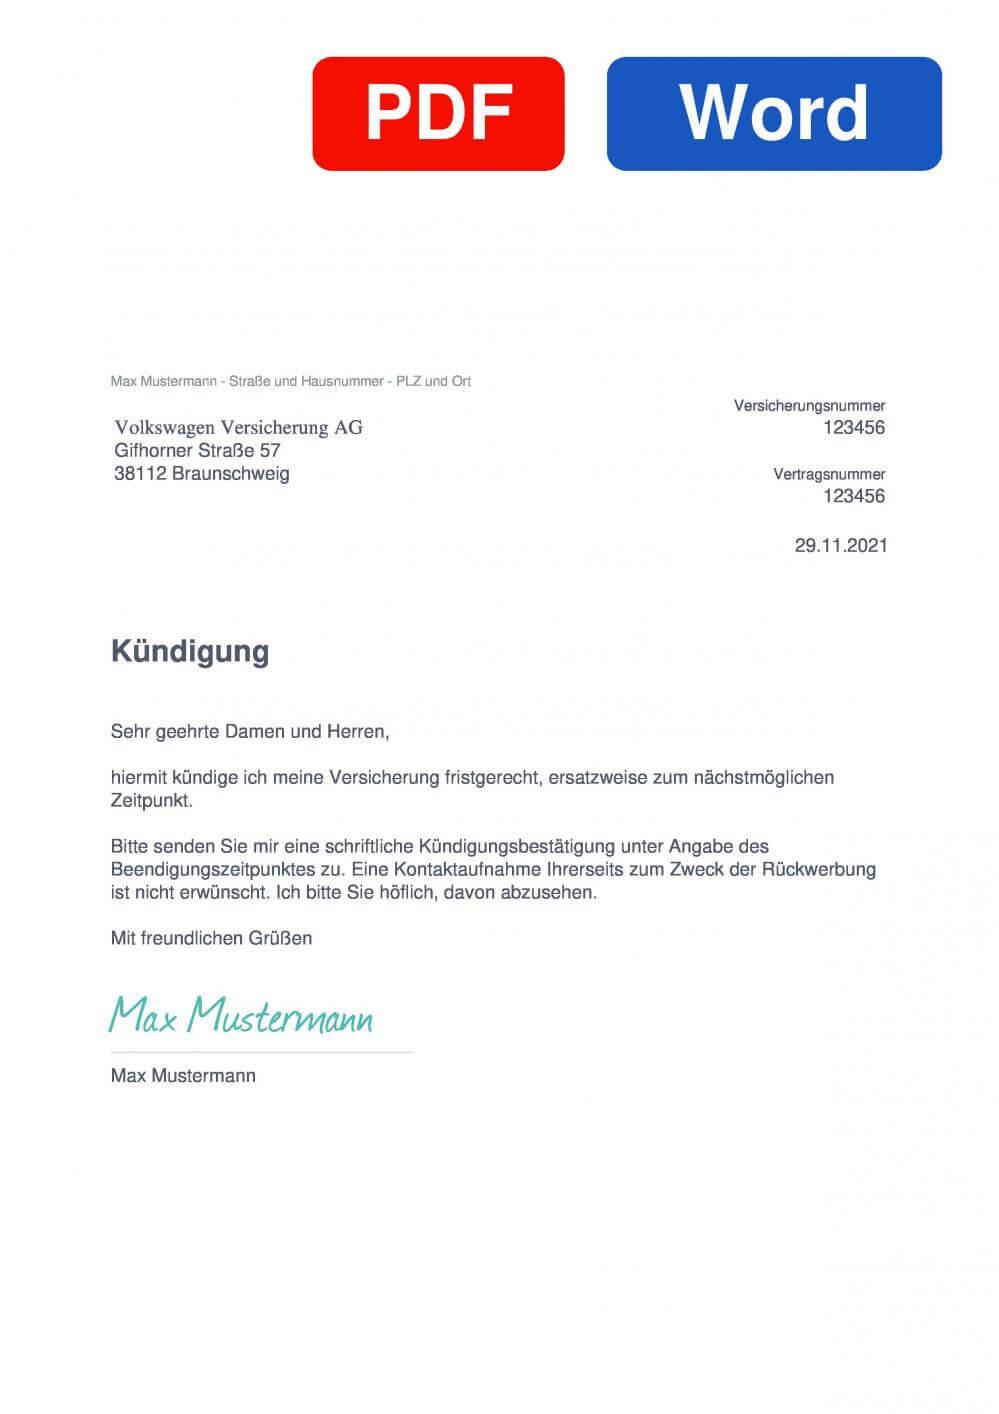 Volkswagen Versicherung Muster Vorlage für Kündigungsschreiben